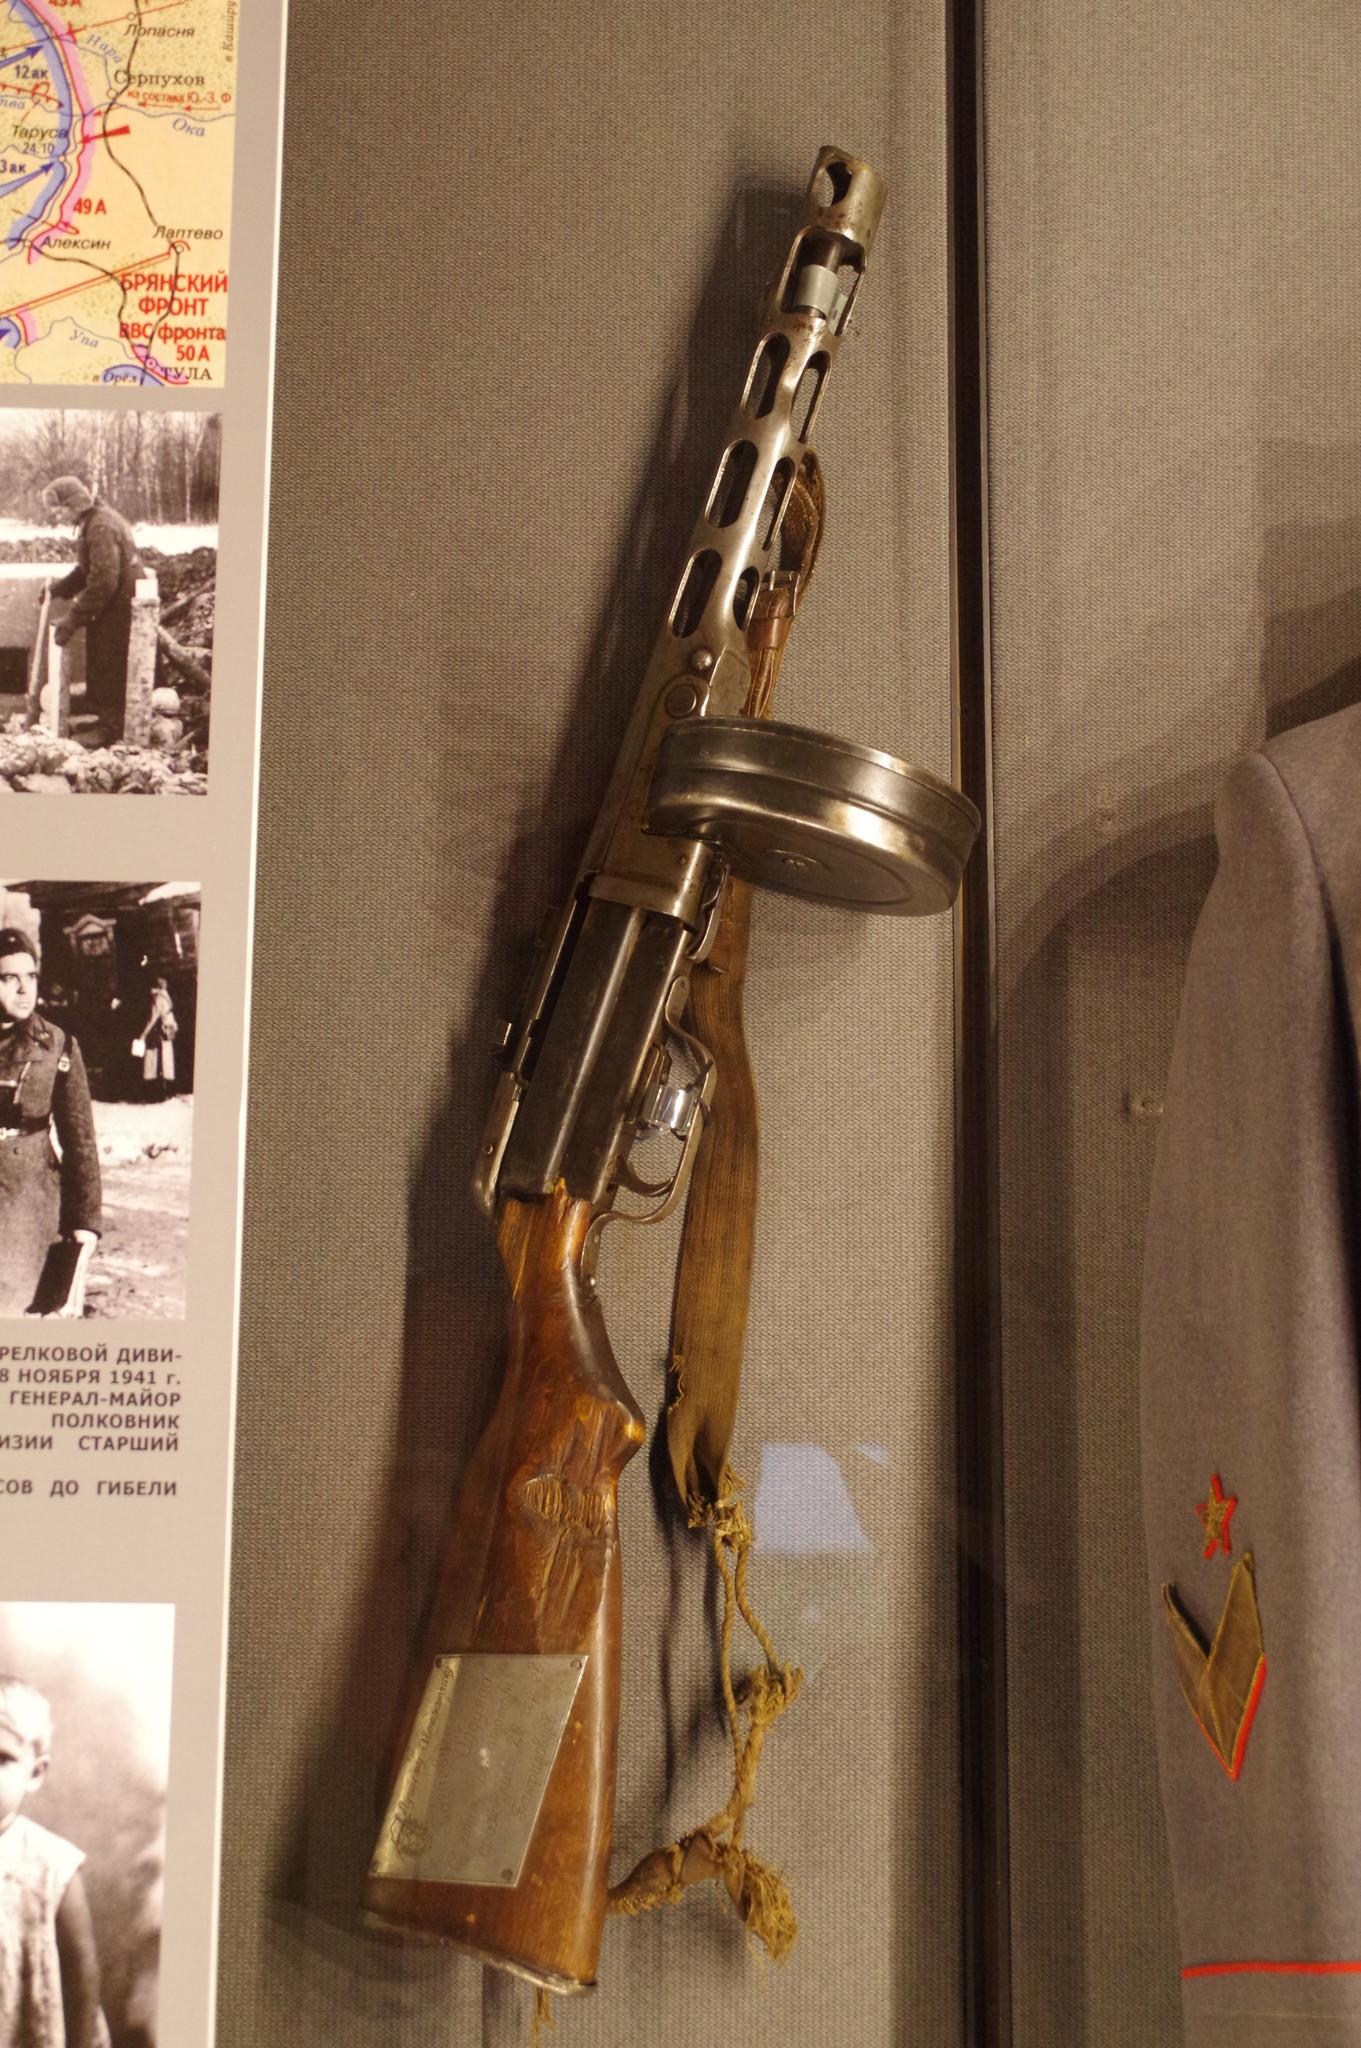 7,62 мм пистолет-пулемёт системы Шпагина (ППШ) обр. 1941 г. автоматчика 23-го гвардейского стрелкового полка 8-й гвардейской стрелковой дивизии А. Тагаева